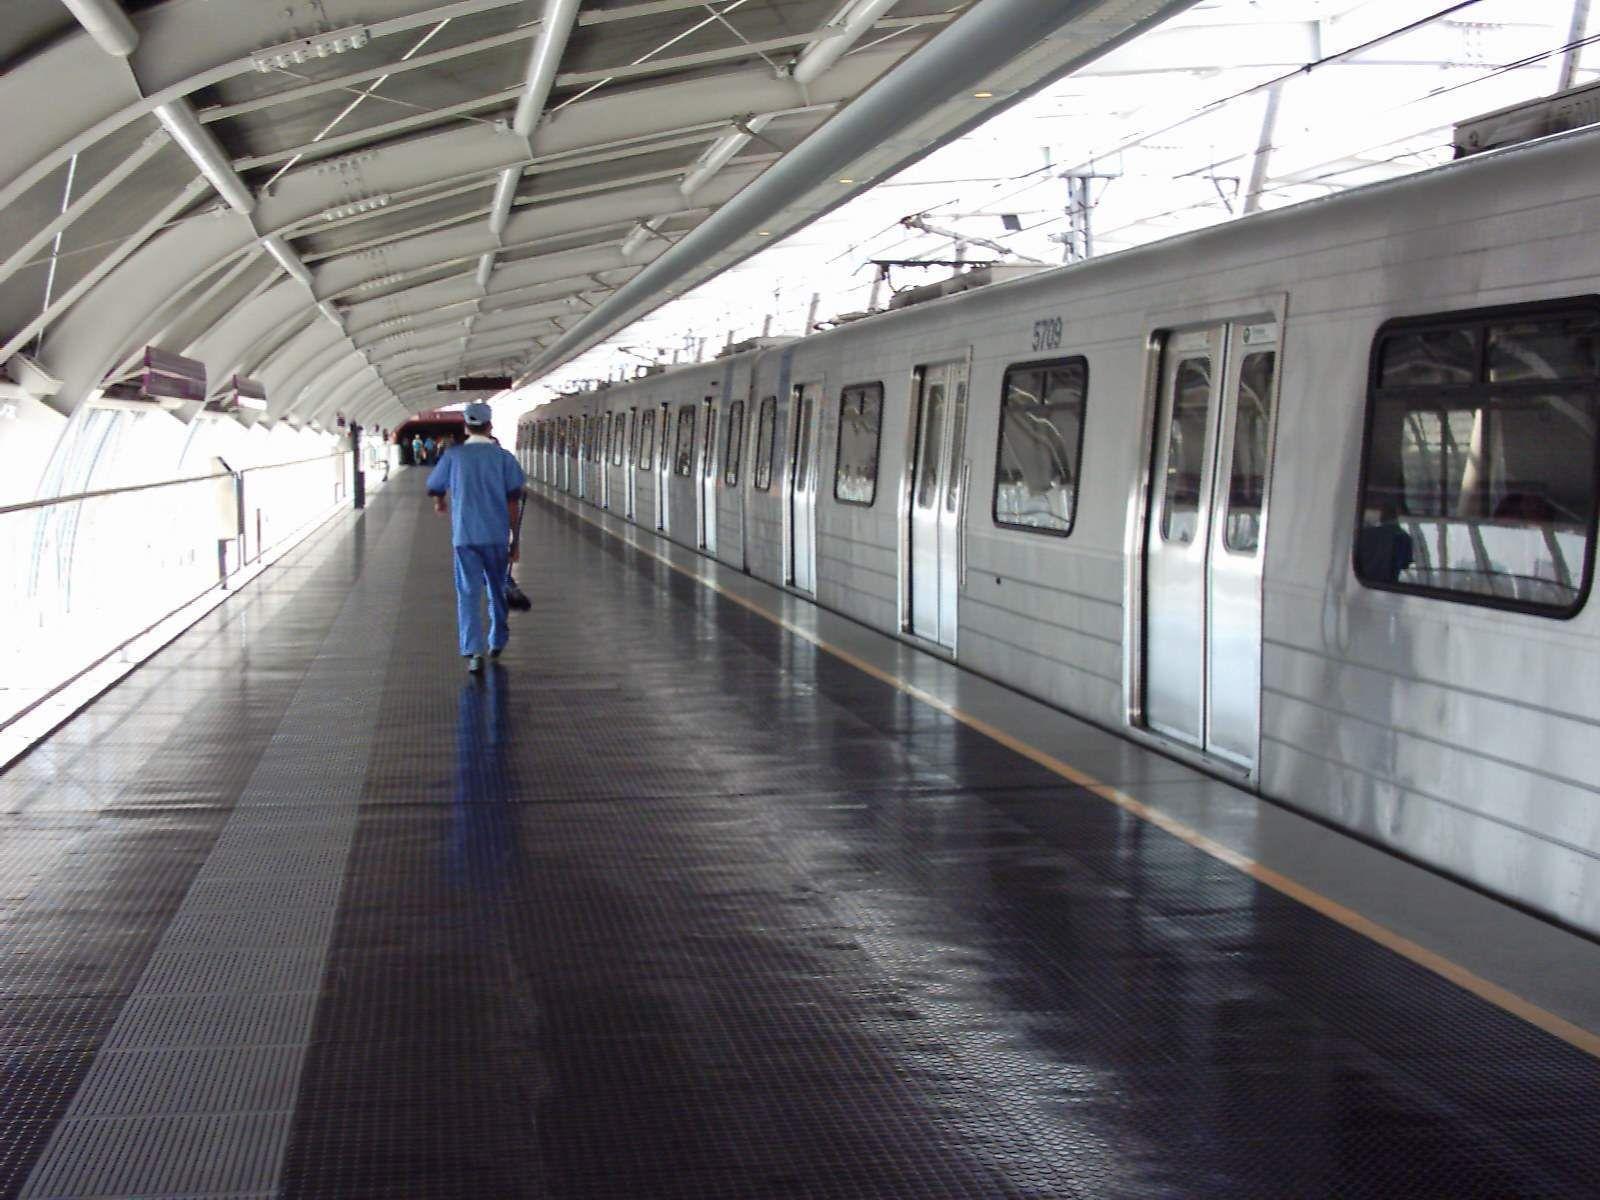 Estação Santo Amaro do Metrô Paulistano